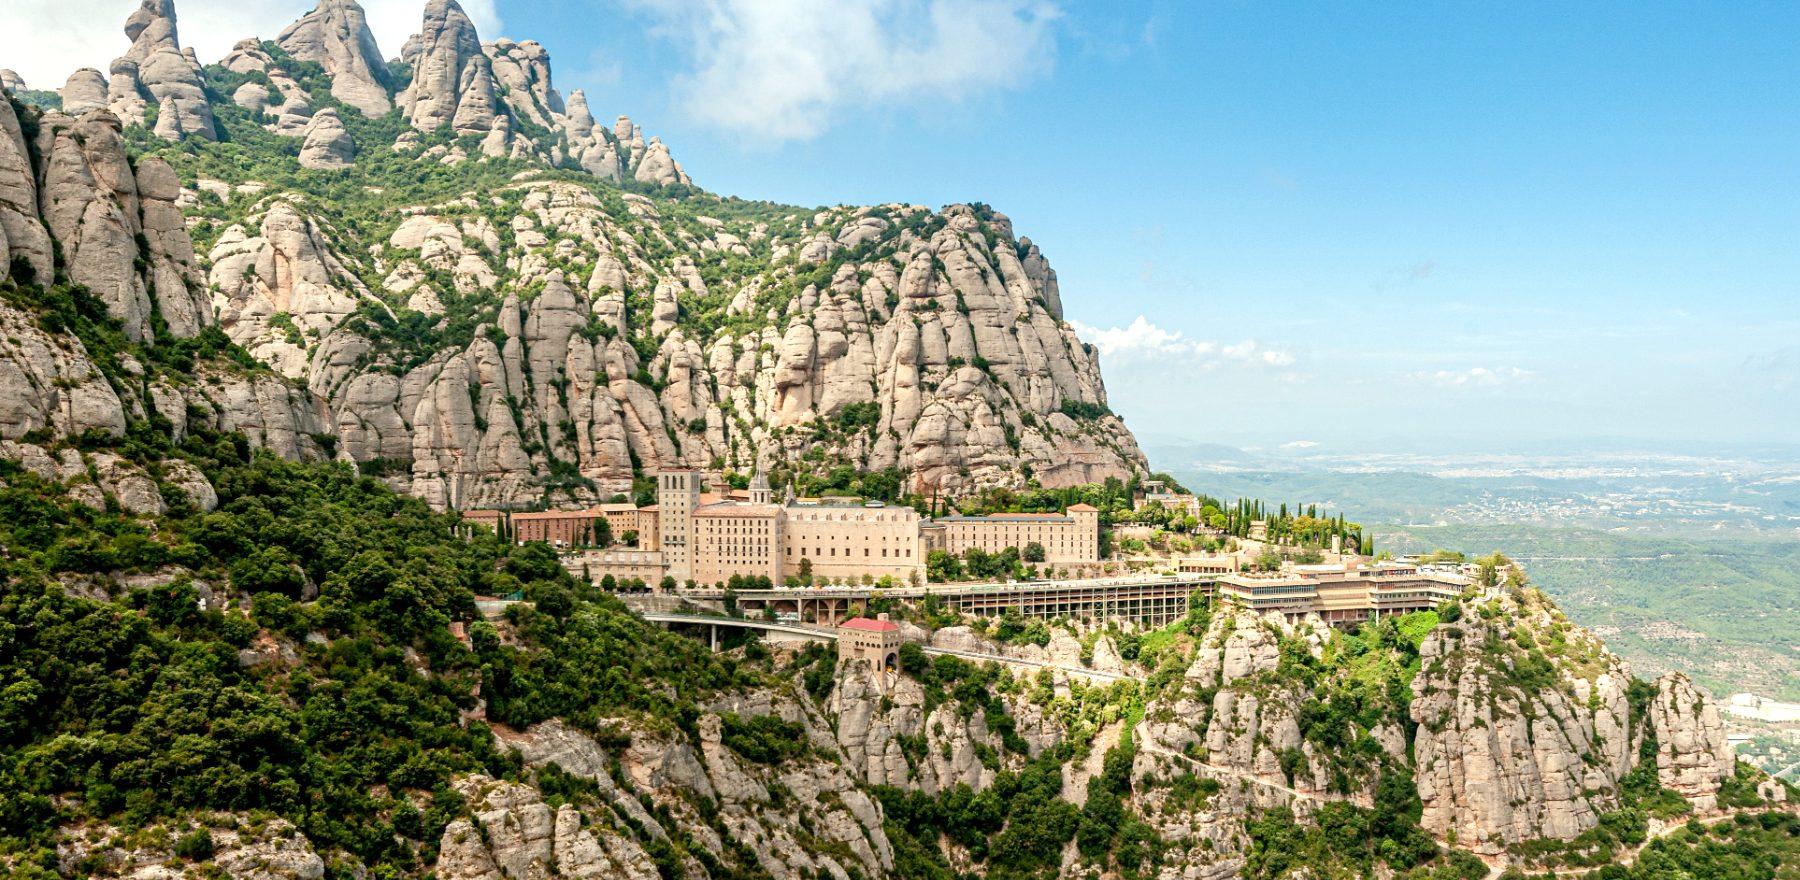 Day trips near Barcelona — Montserrat